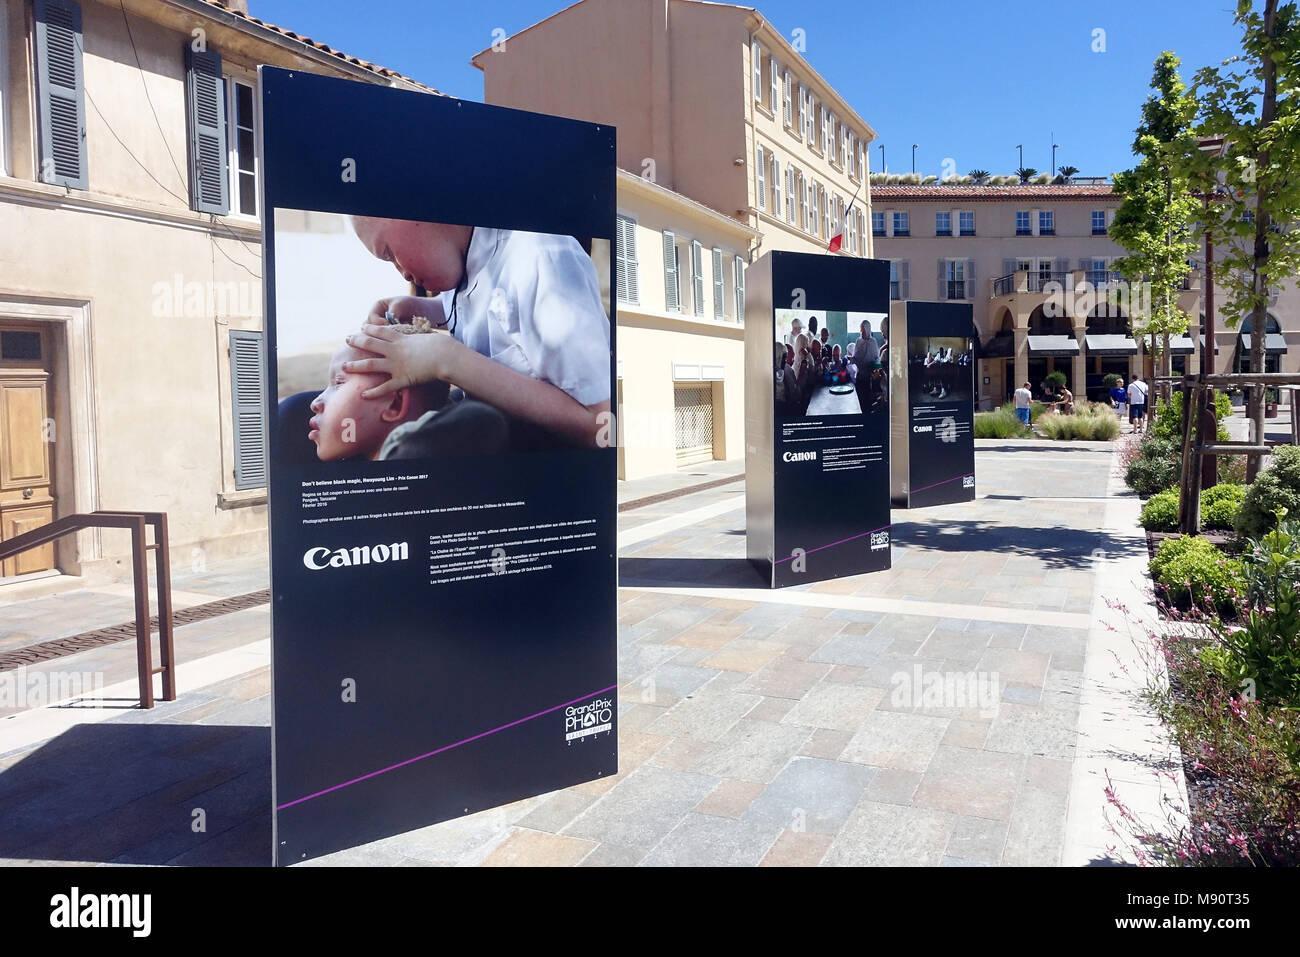 Photo Grand Prix de Saint-Tropez. Canon d'exposition. Photo Stock